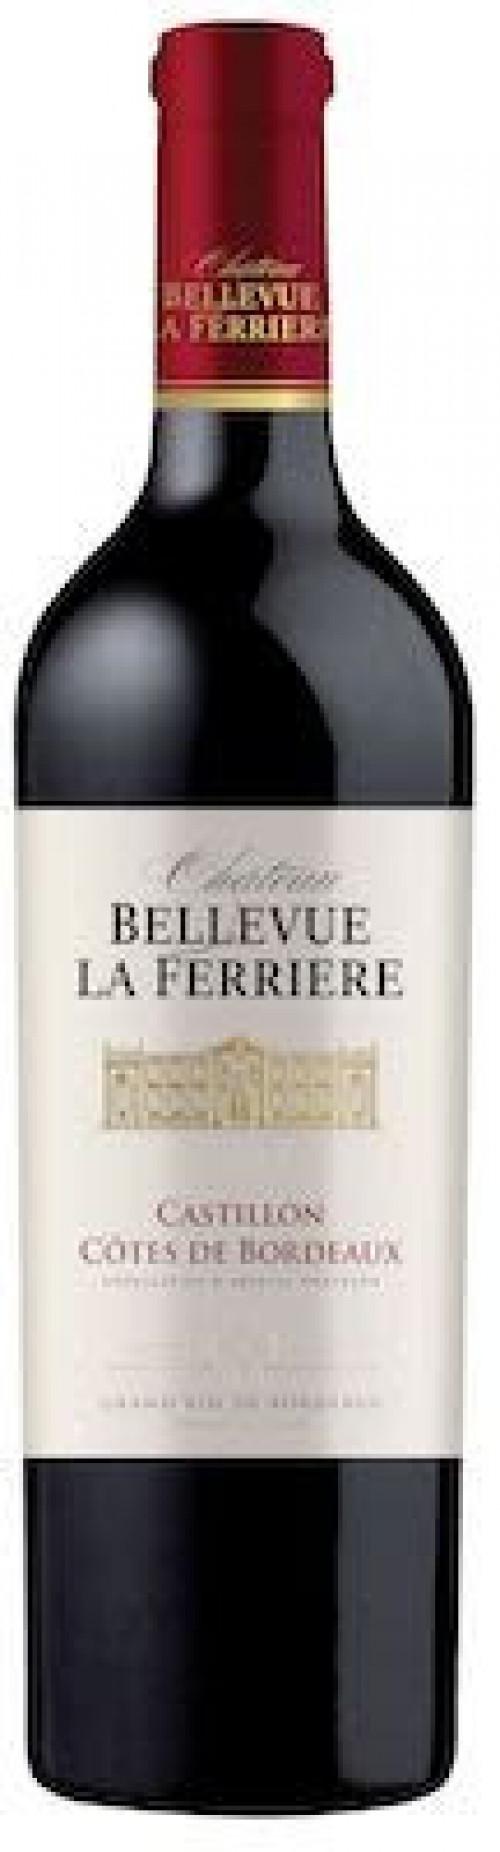 2019 Chateau Bellevue La Ferriere Red 750ml